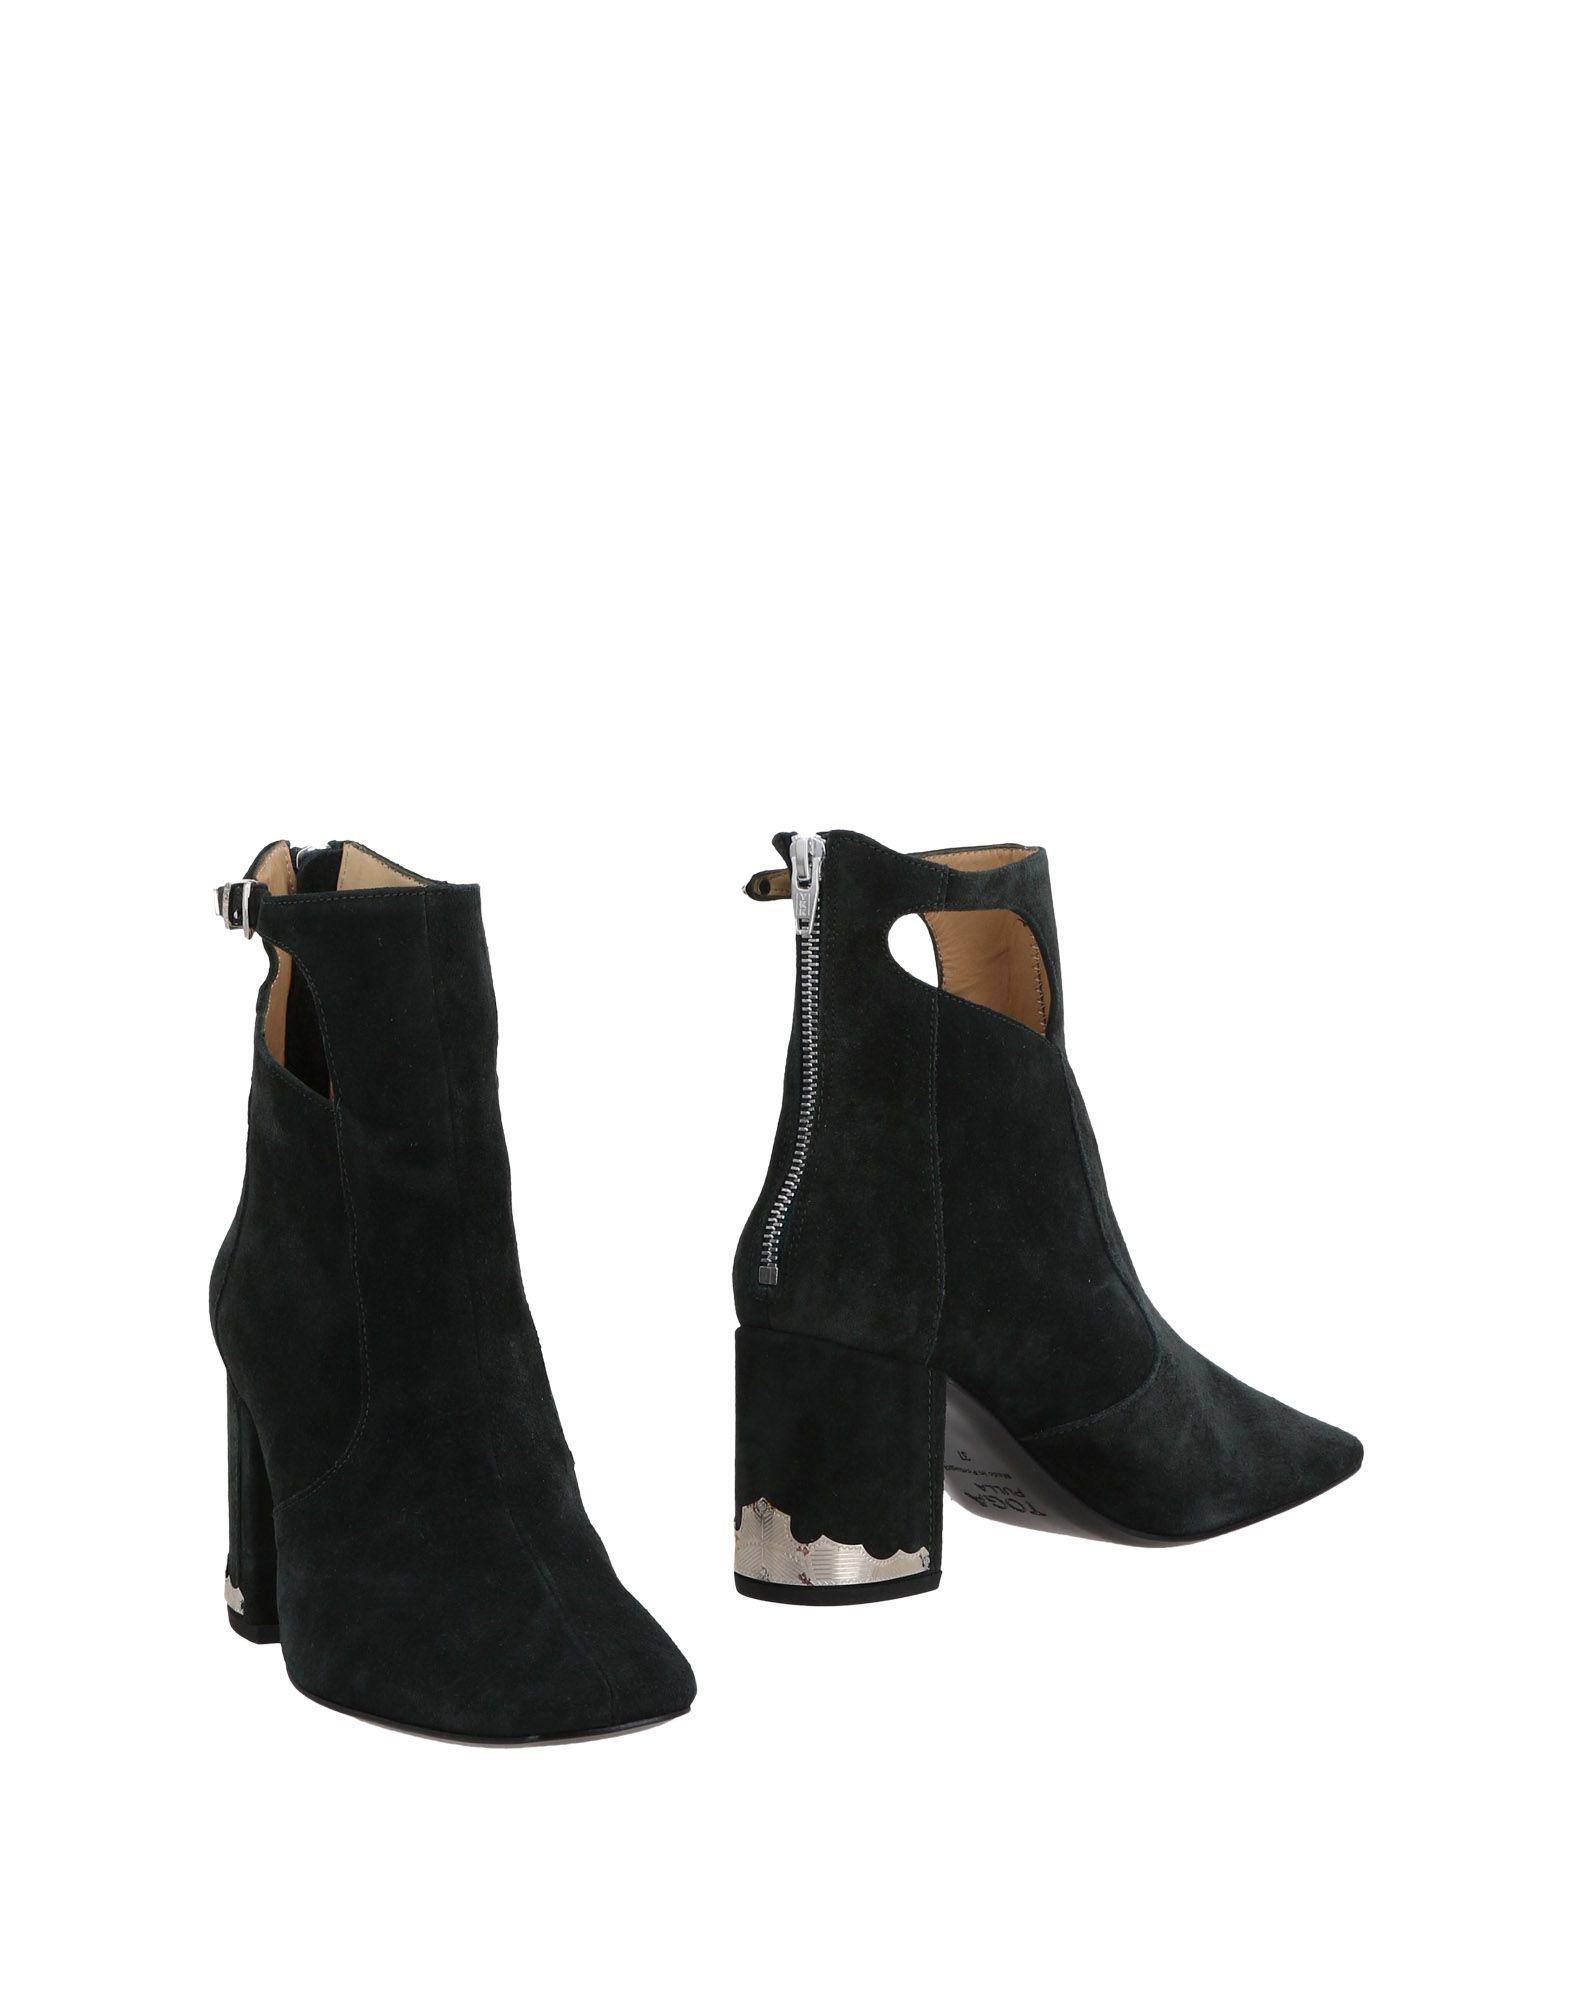 Toga Pulla Stiefelette Damen  11484504TRGut aussehende strapazierfähige Schuhe